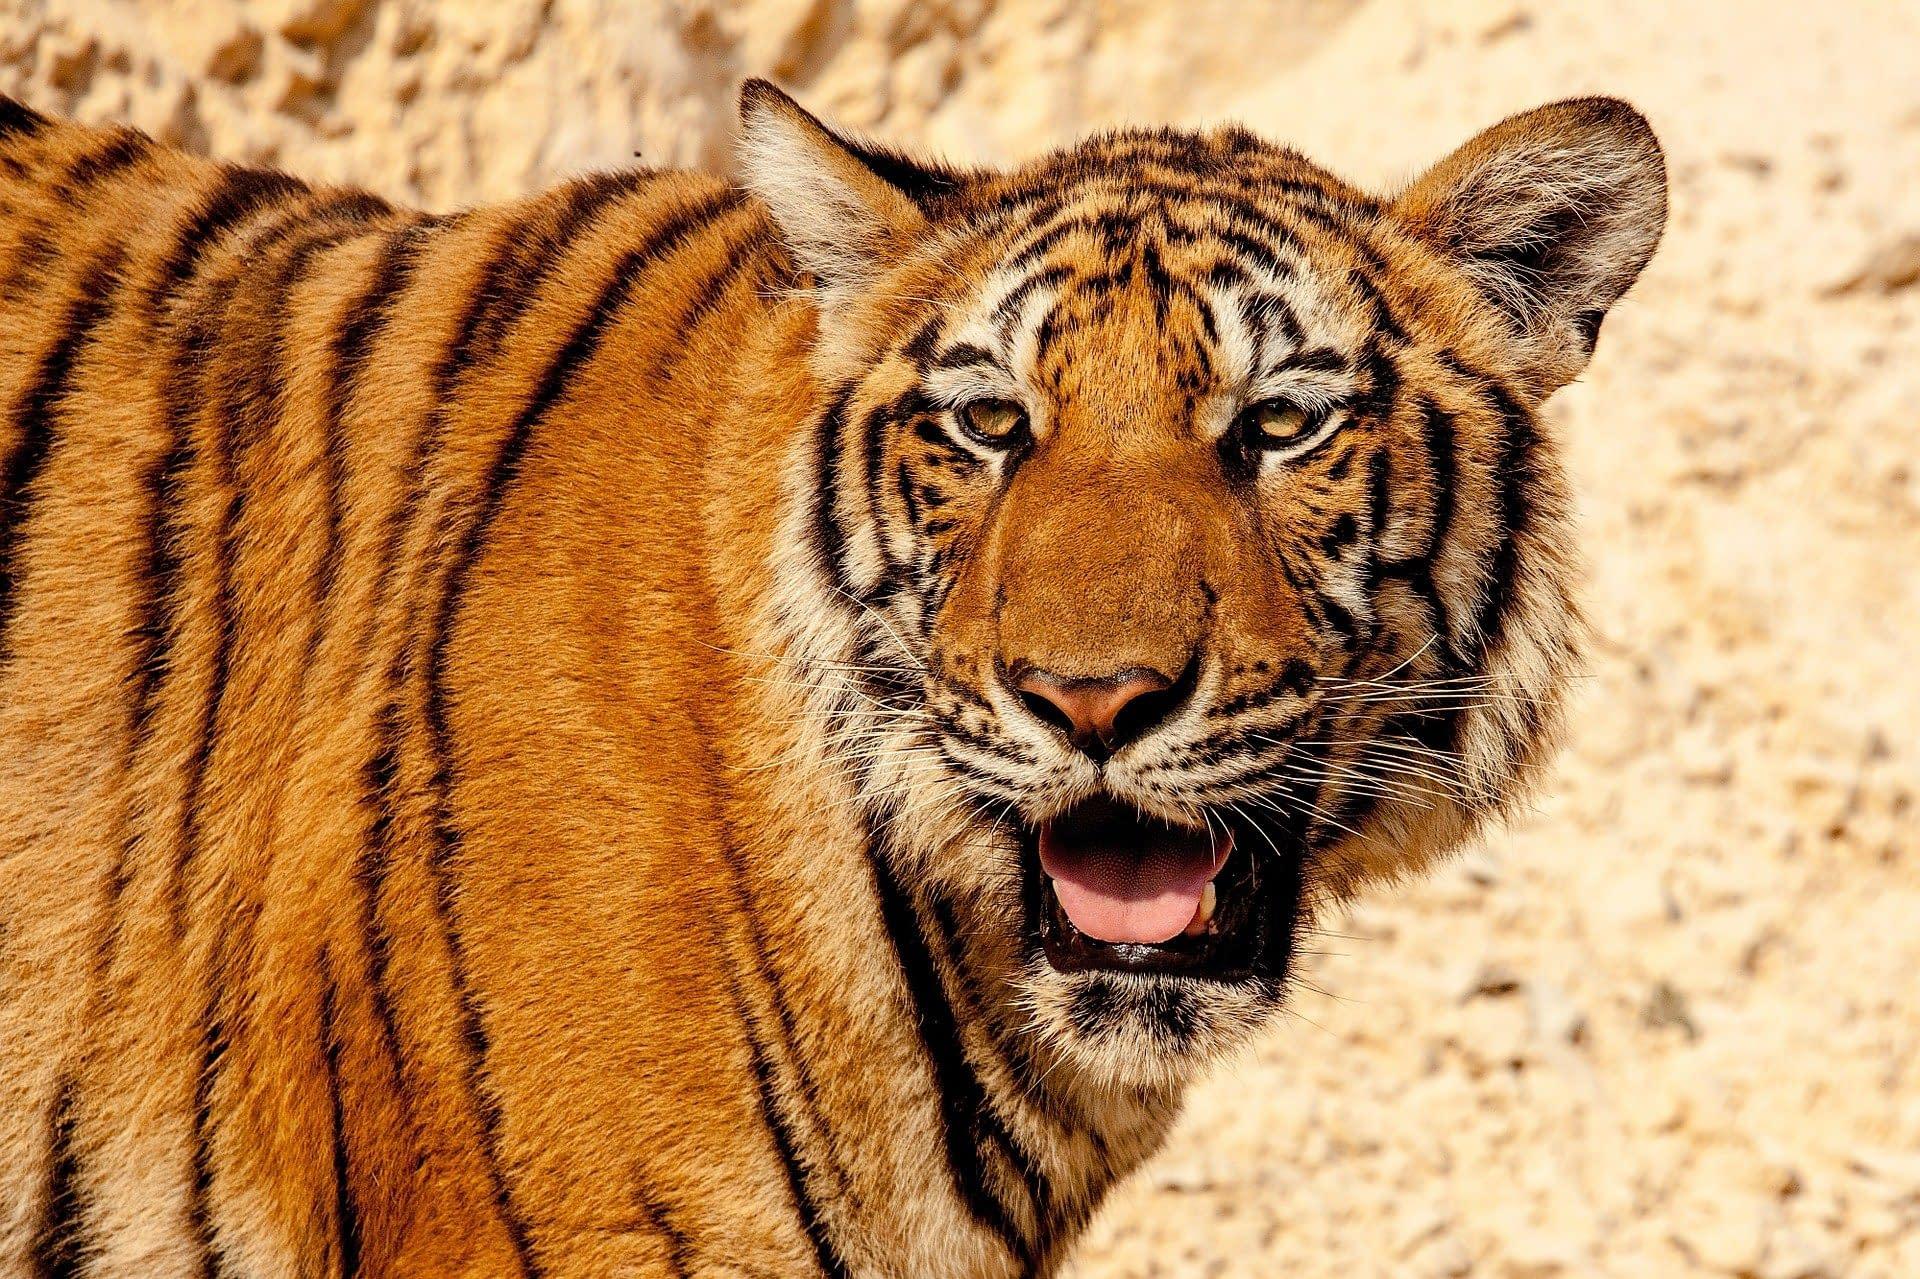 tiger-484097_1920